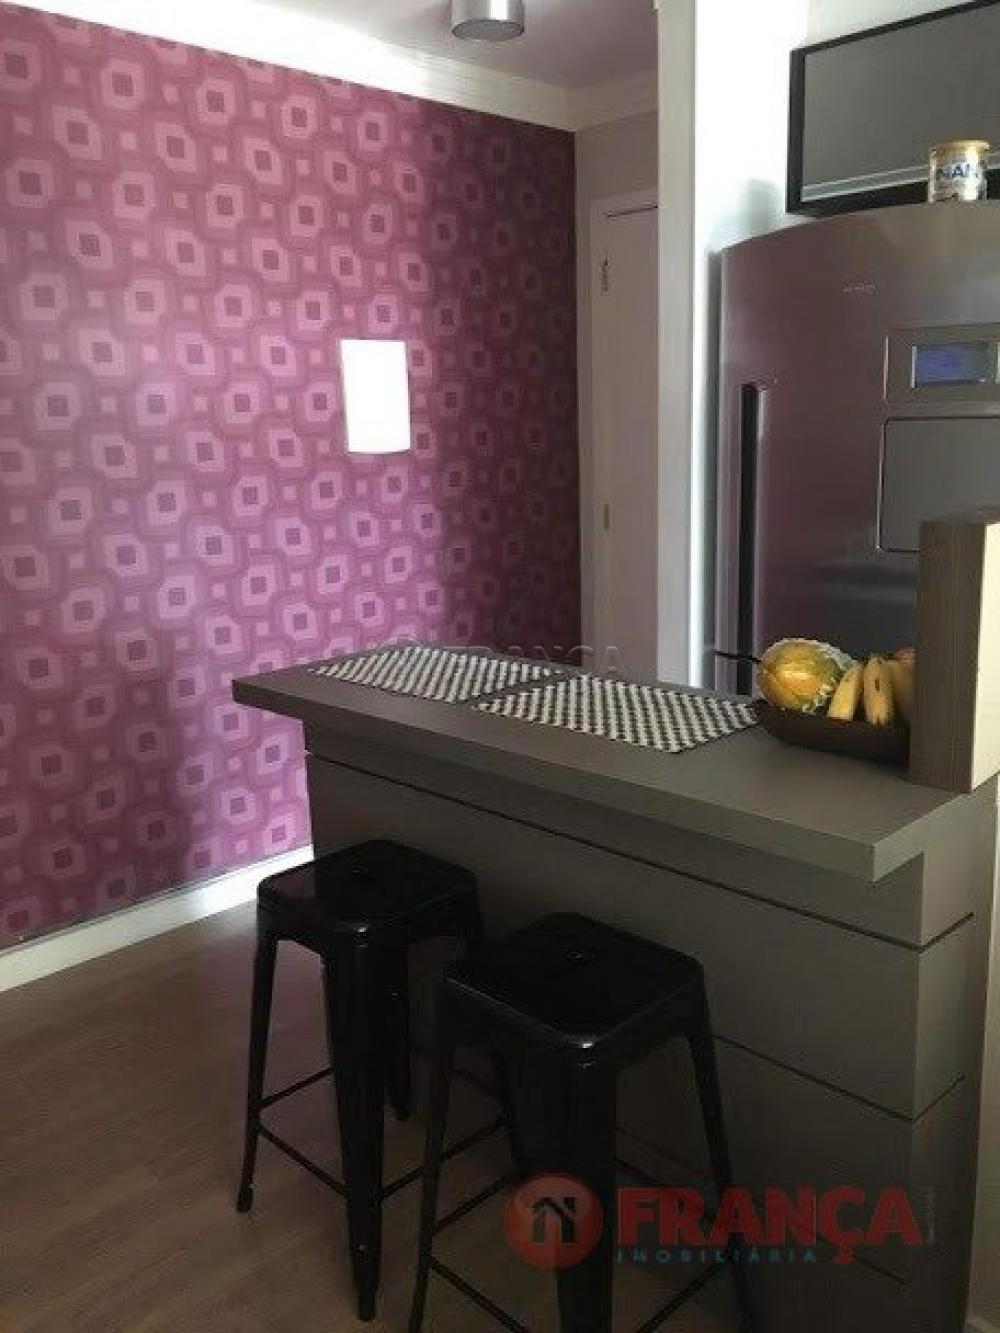 Comprar Apartamento / Padrão em Jacareí apenas R$ 330.000,00 - Foto 2